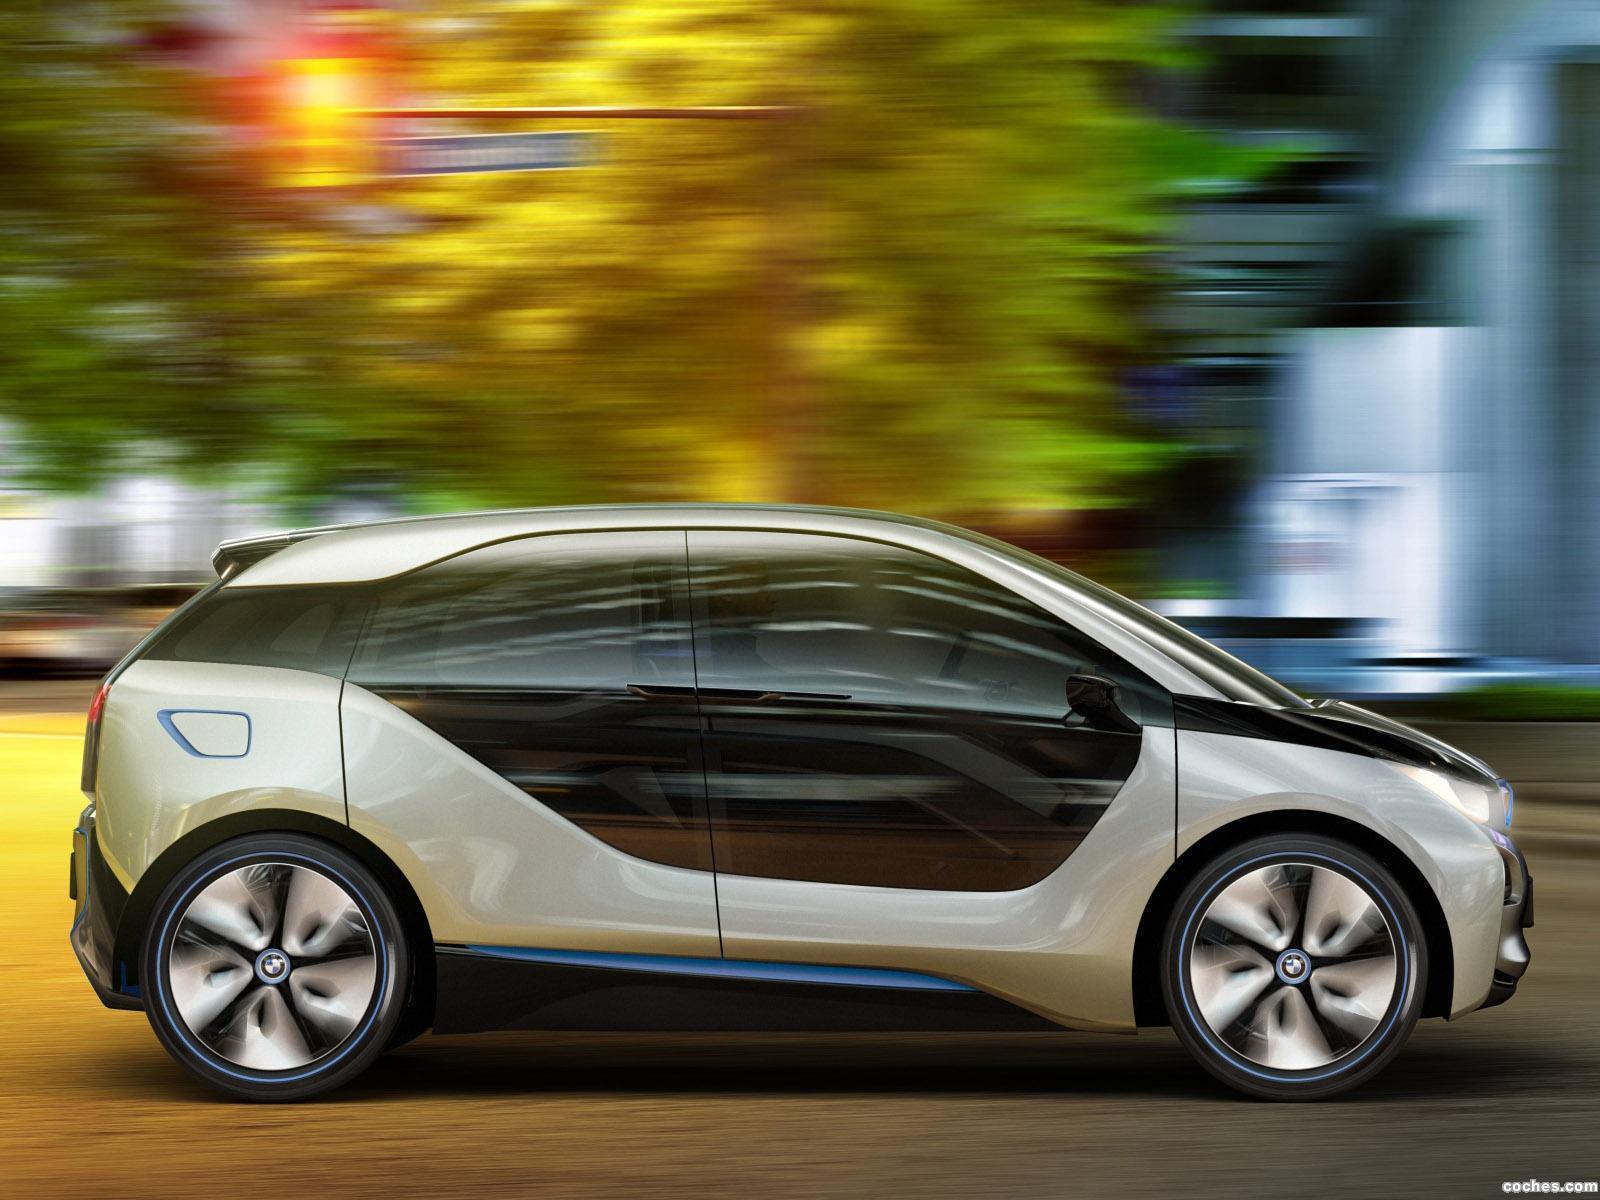 Foto 2 de BMW i3 Concept 2011